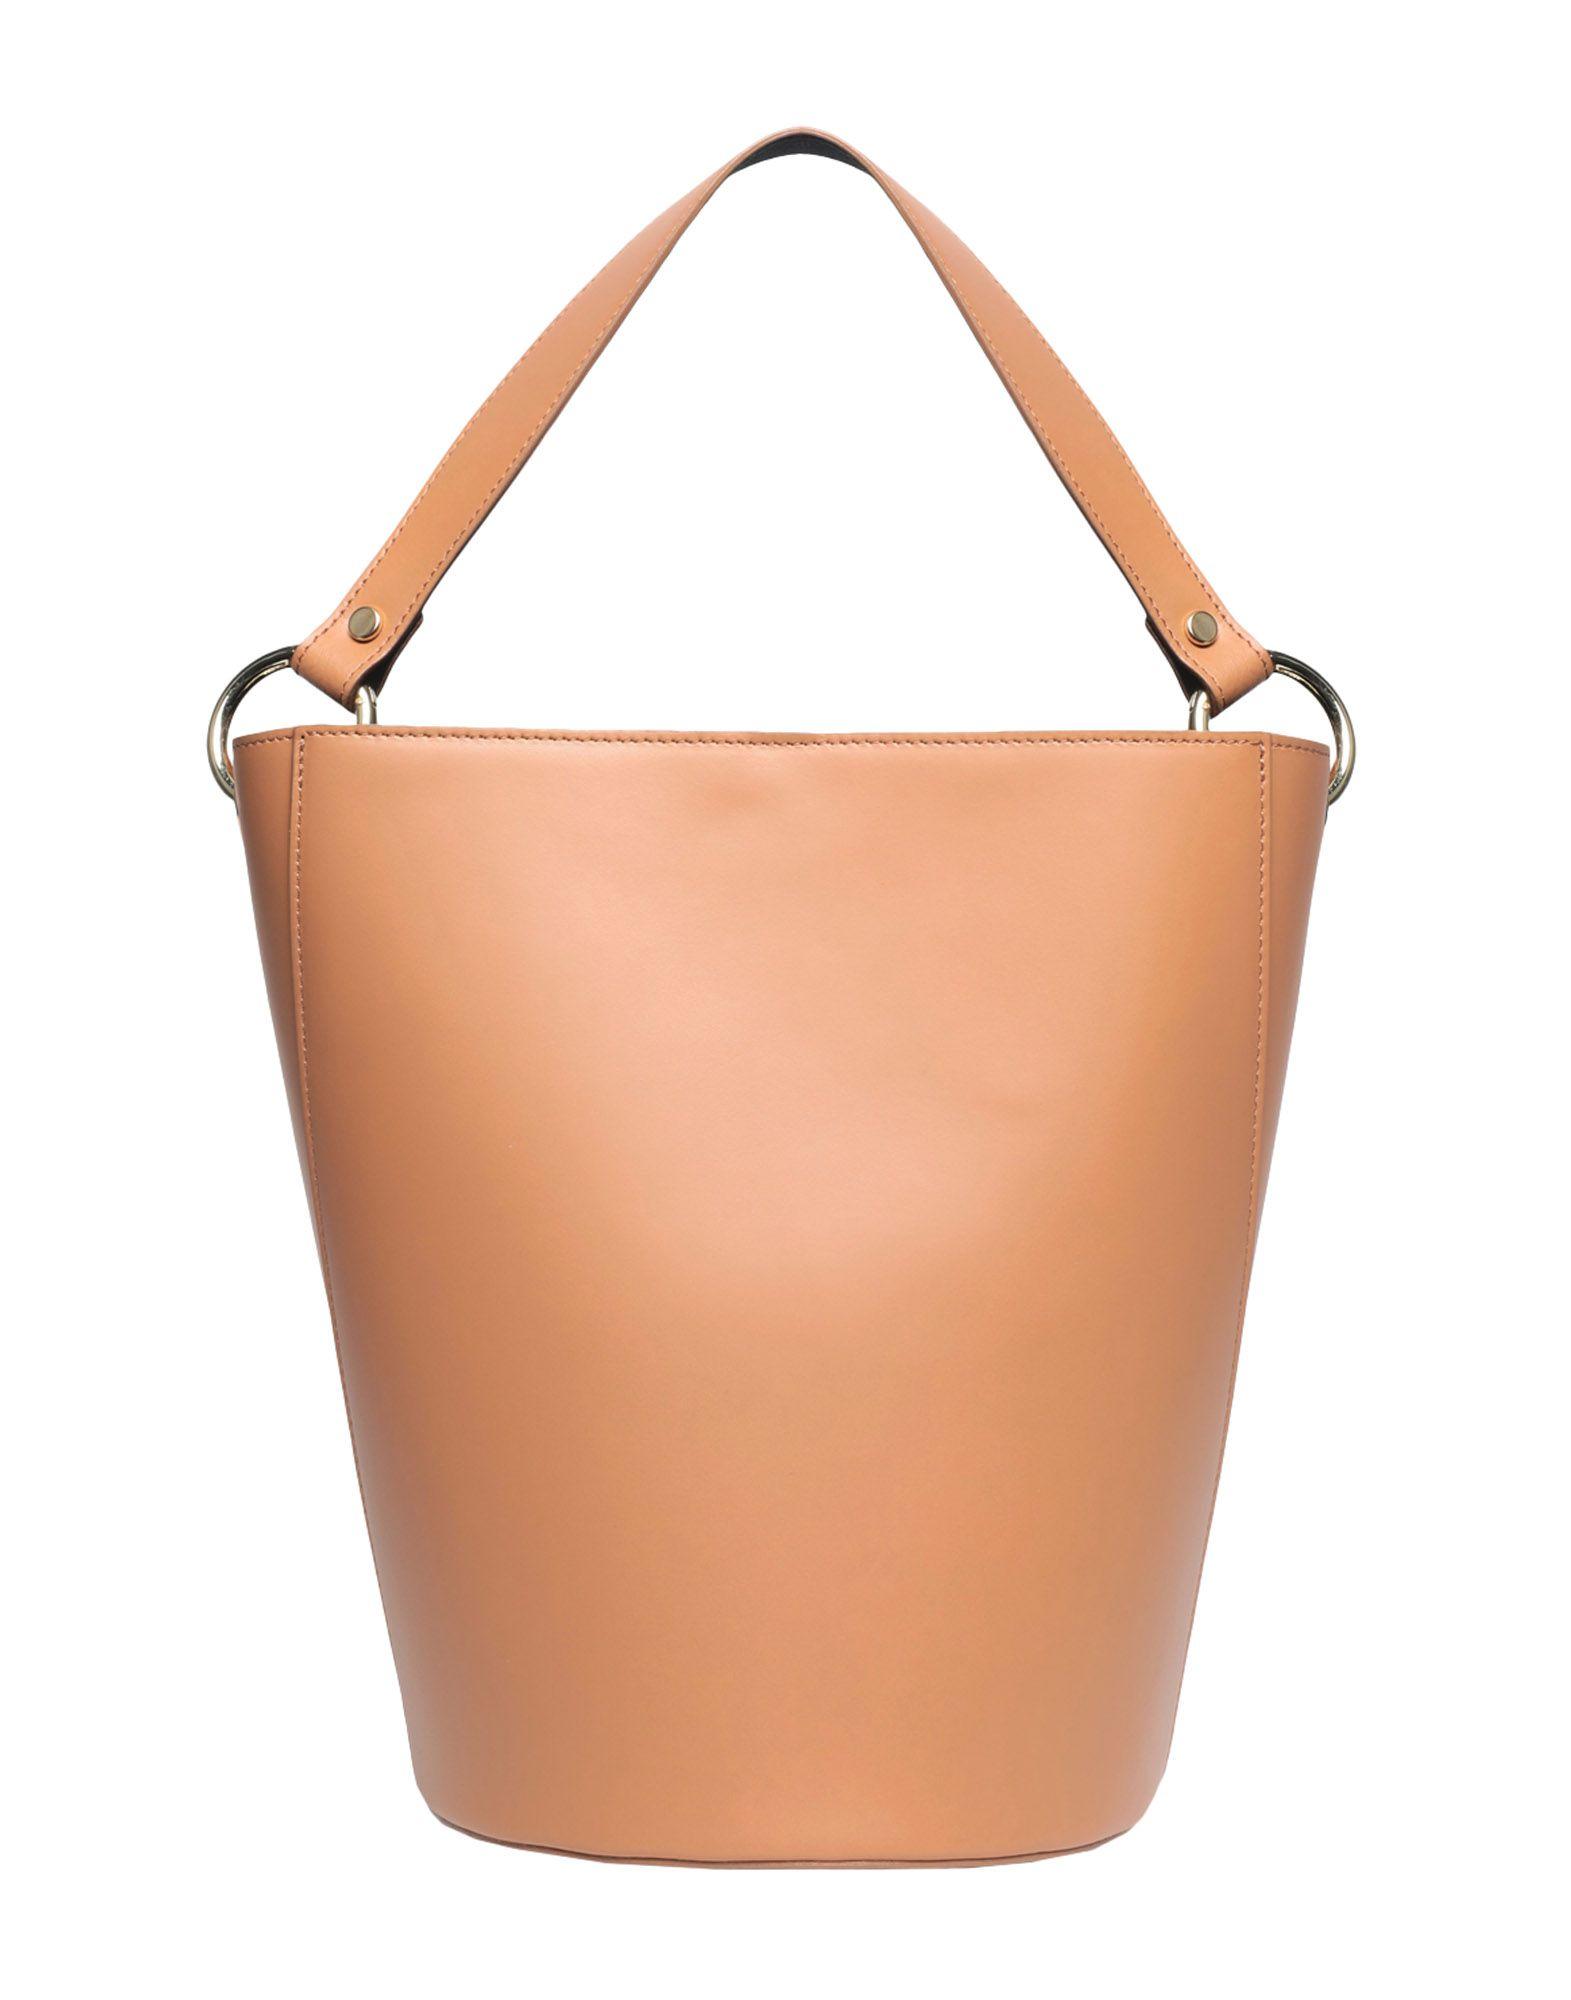 8 by YOOX Сумка на руку sammons sammons мужской заголовок слой кожи плеча мешок человек сумка досуг сумка 190263 01 черный